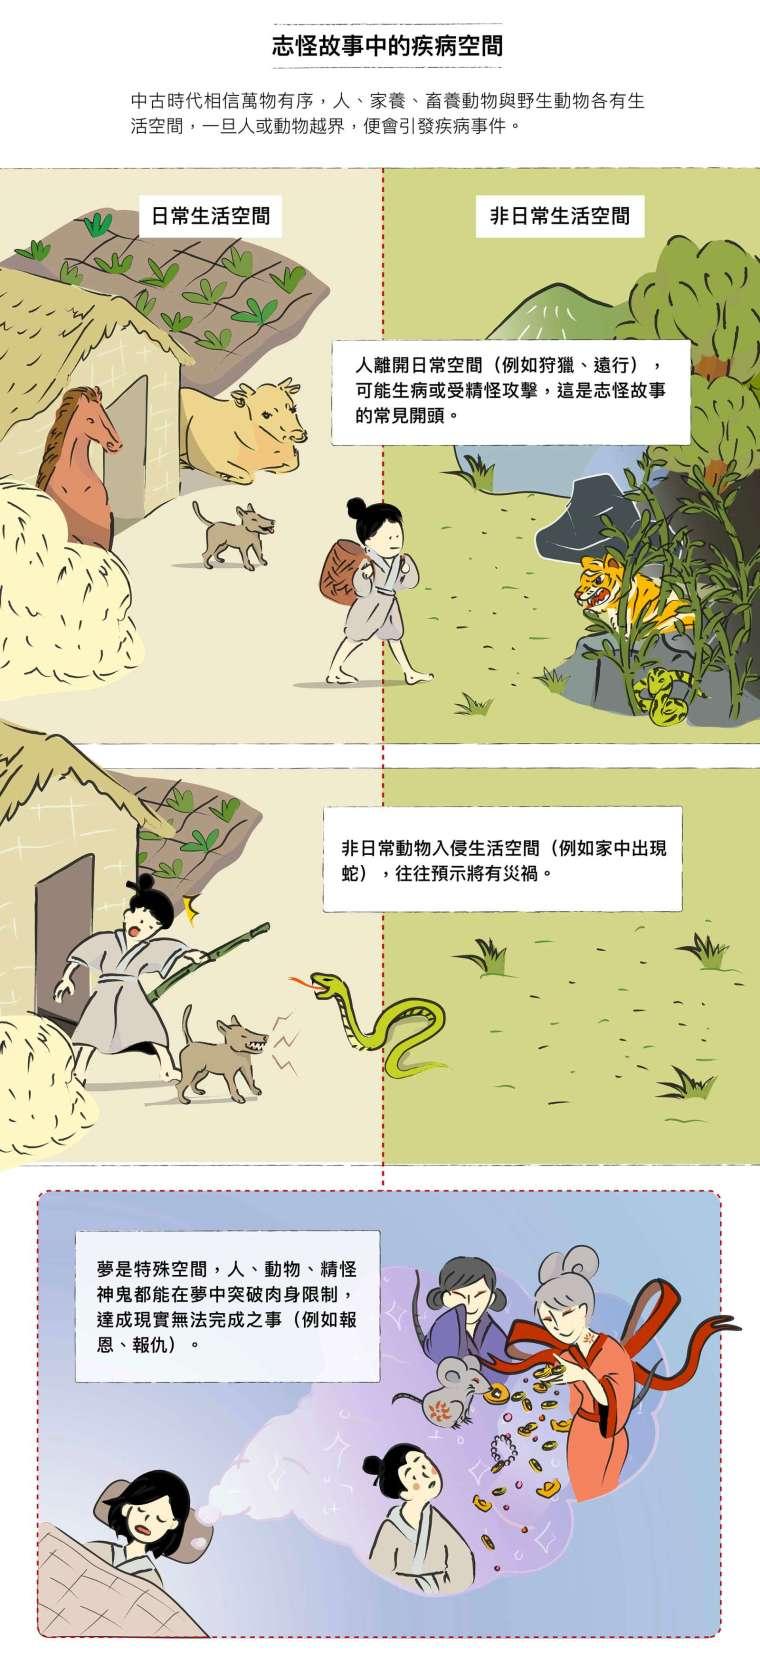 資料來源│劉苑如、羅珮瑄、邱琬淳 圖說設計│劉芝吟、林洵安